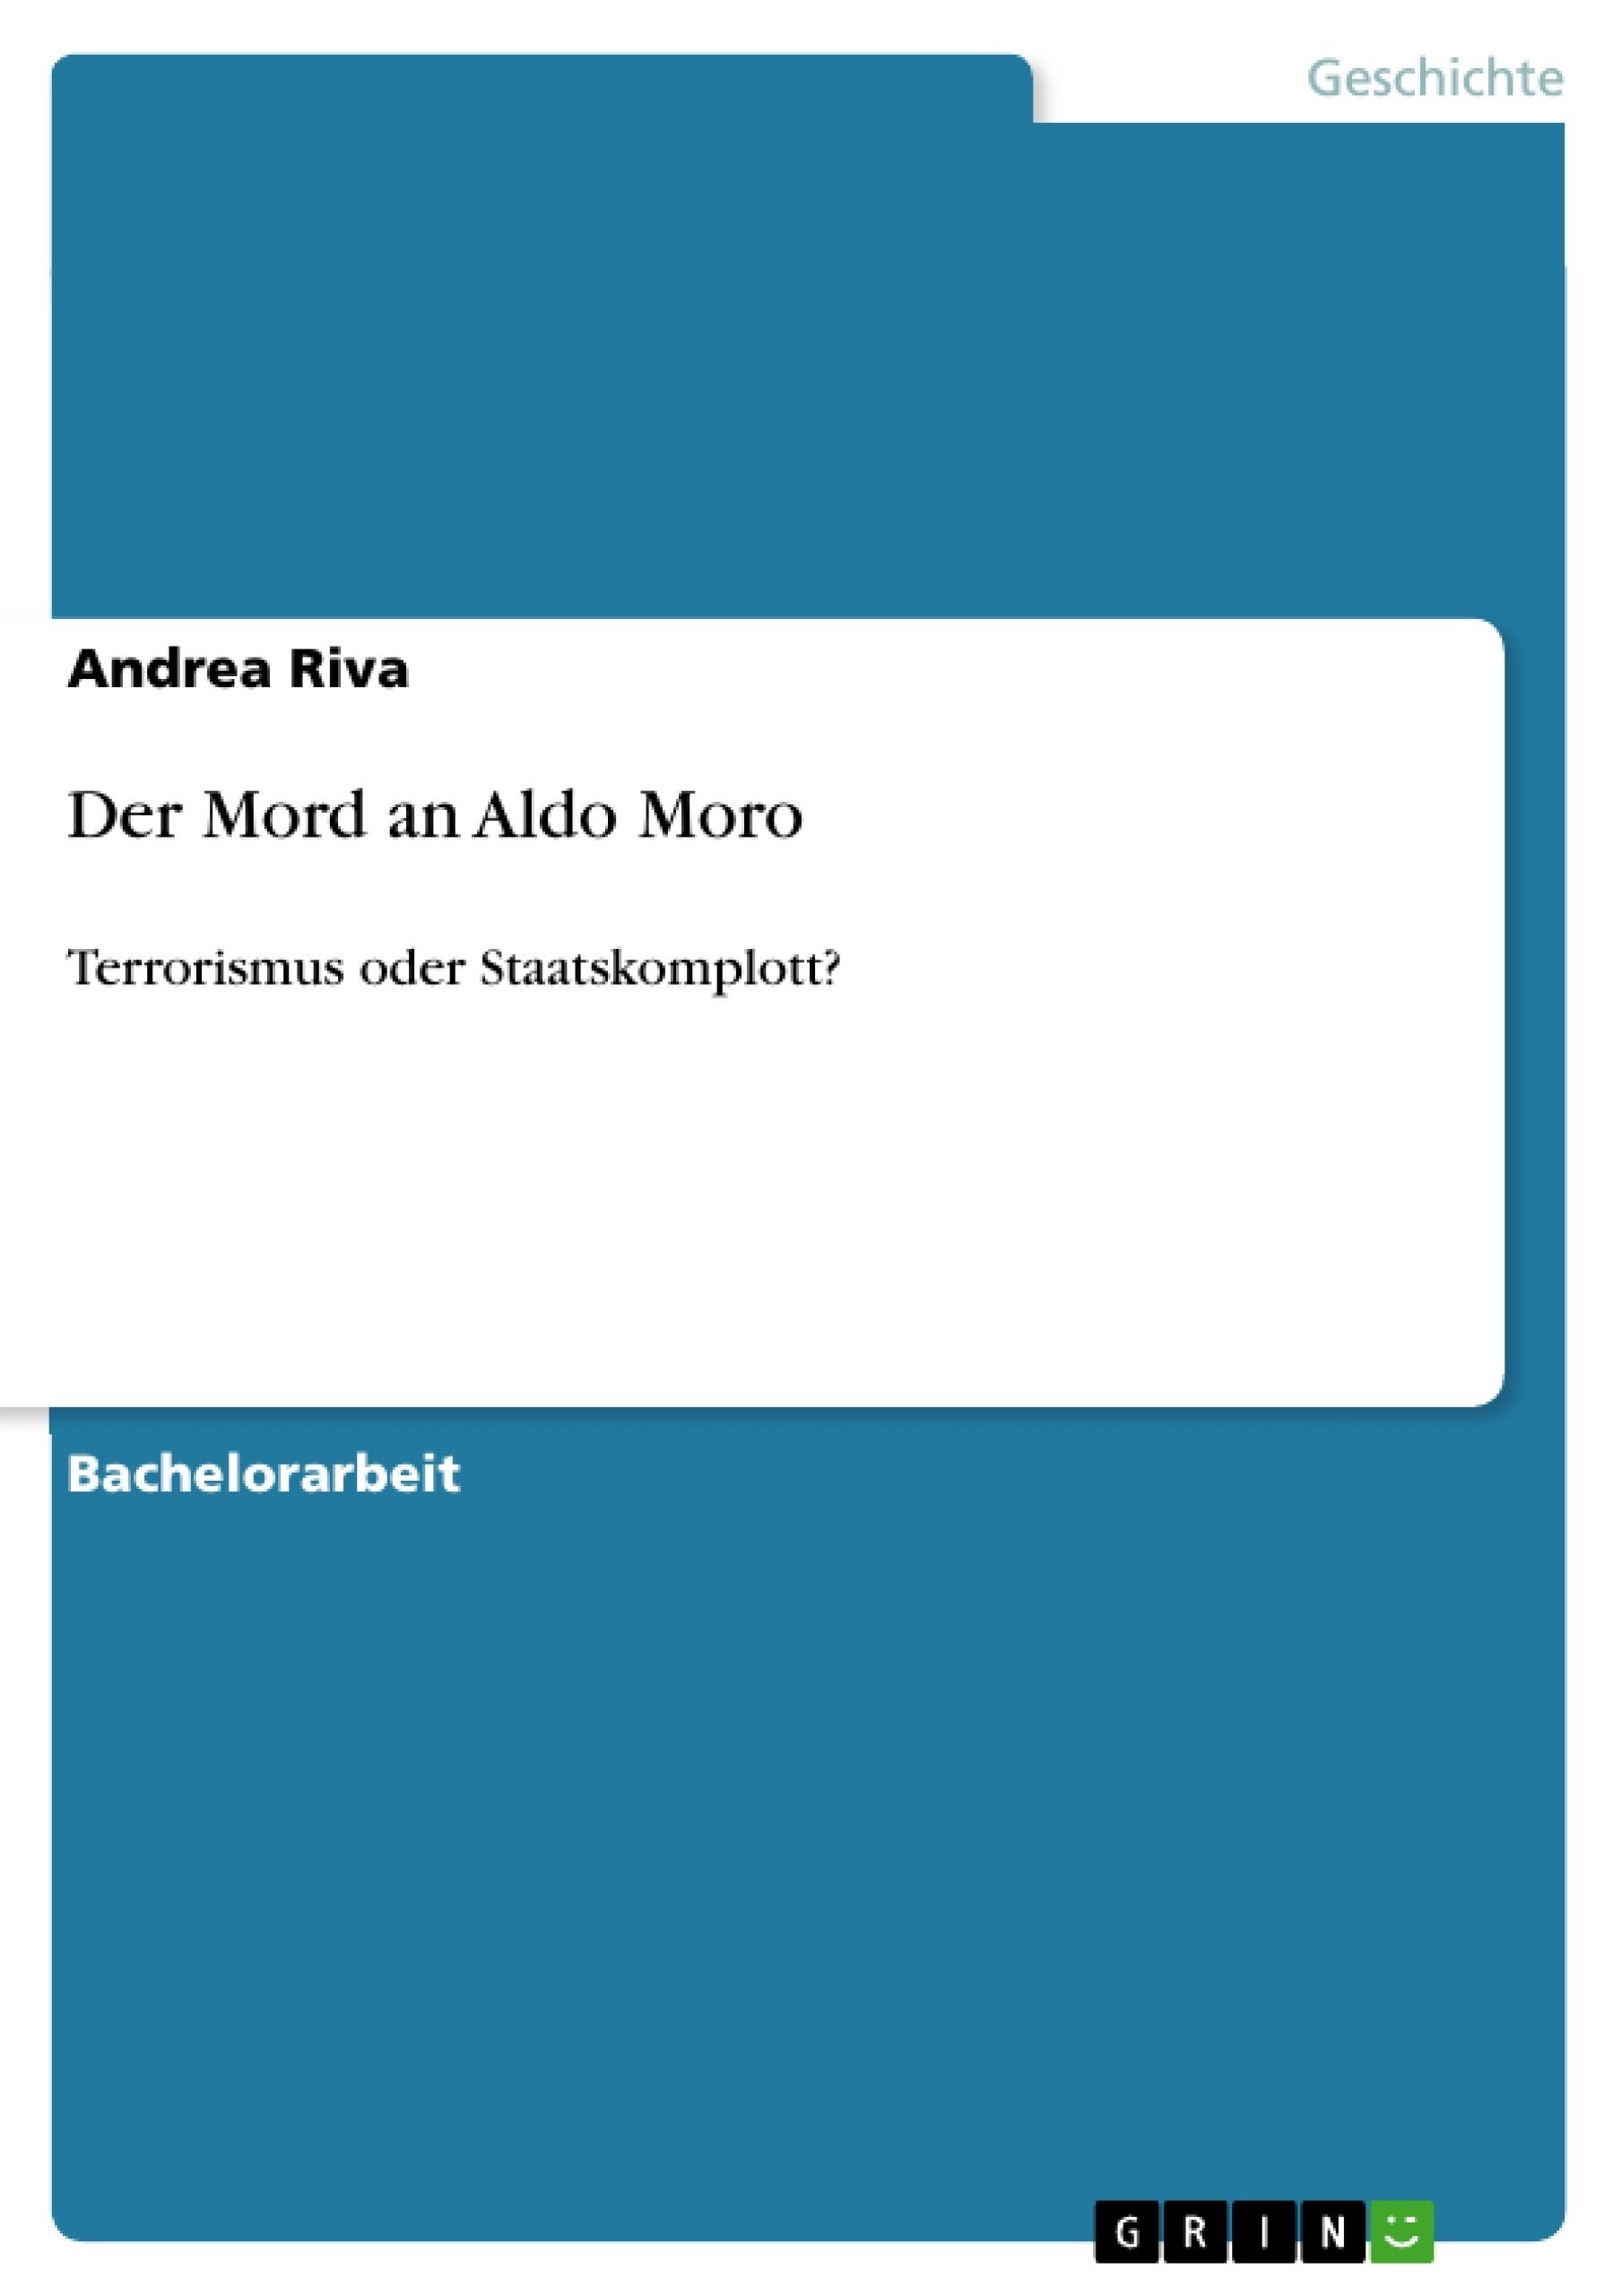 Titel: Der Mord an Aldo Moro